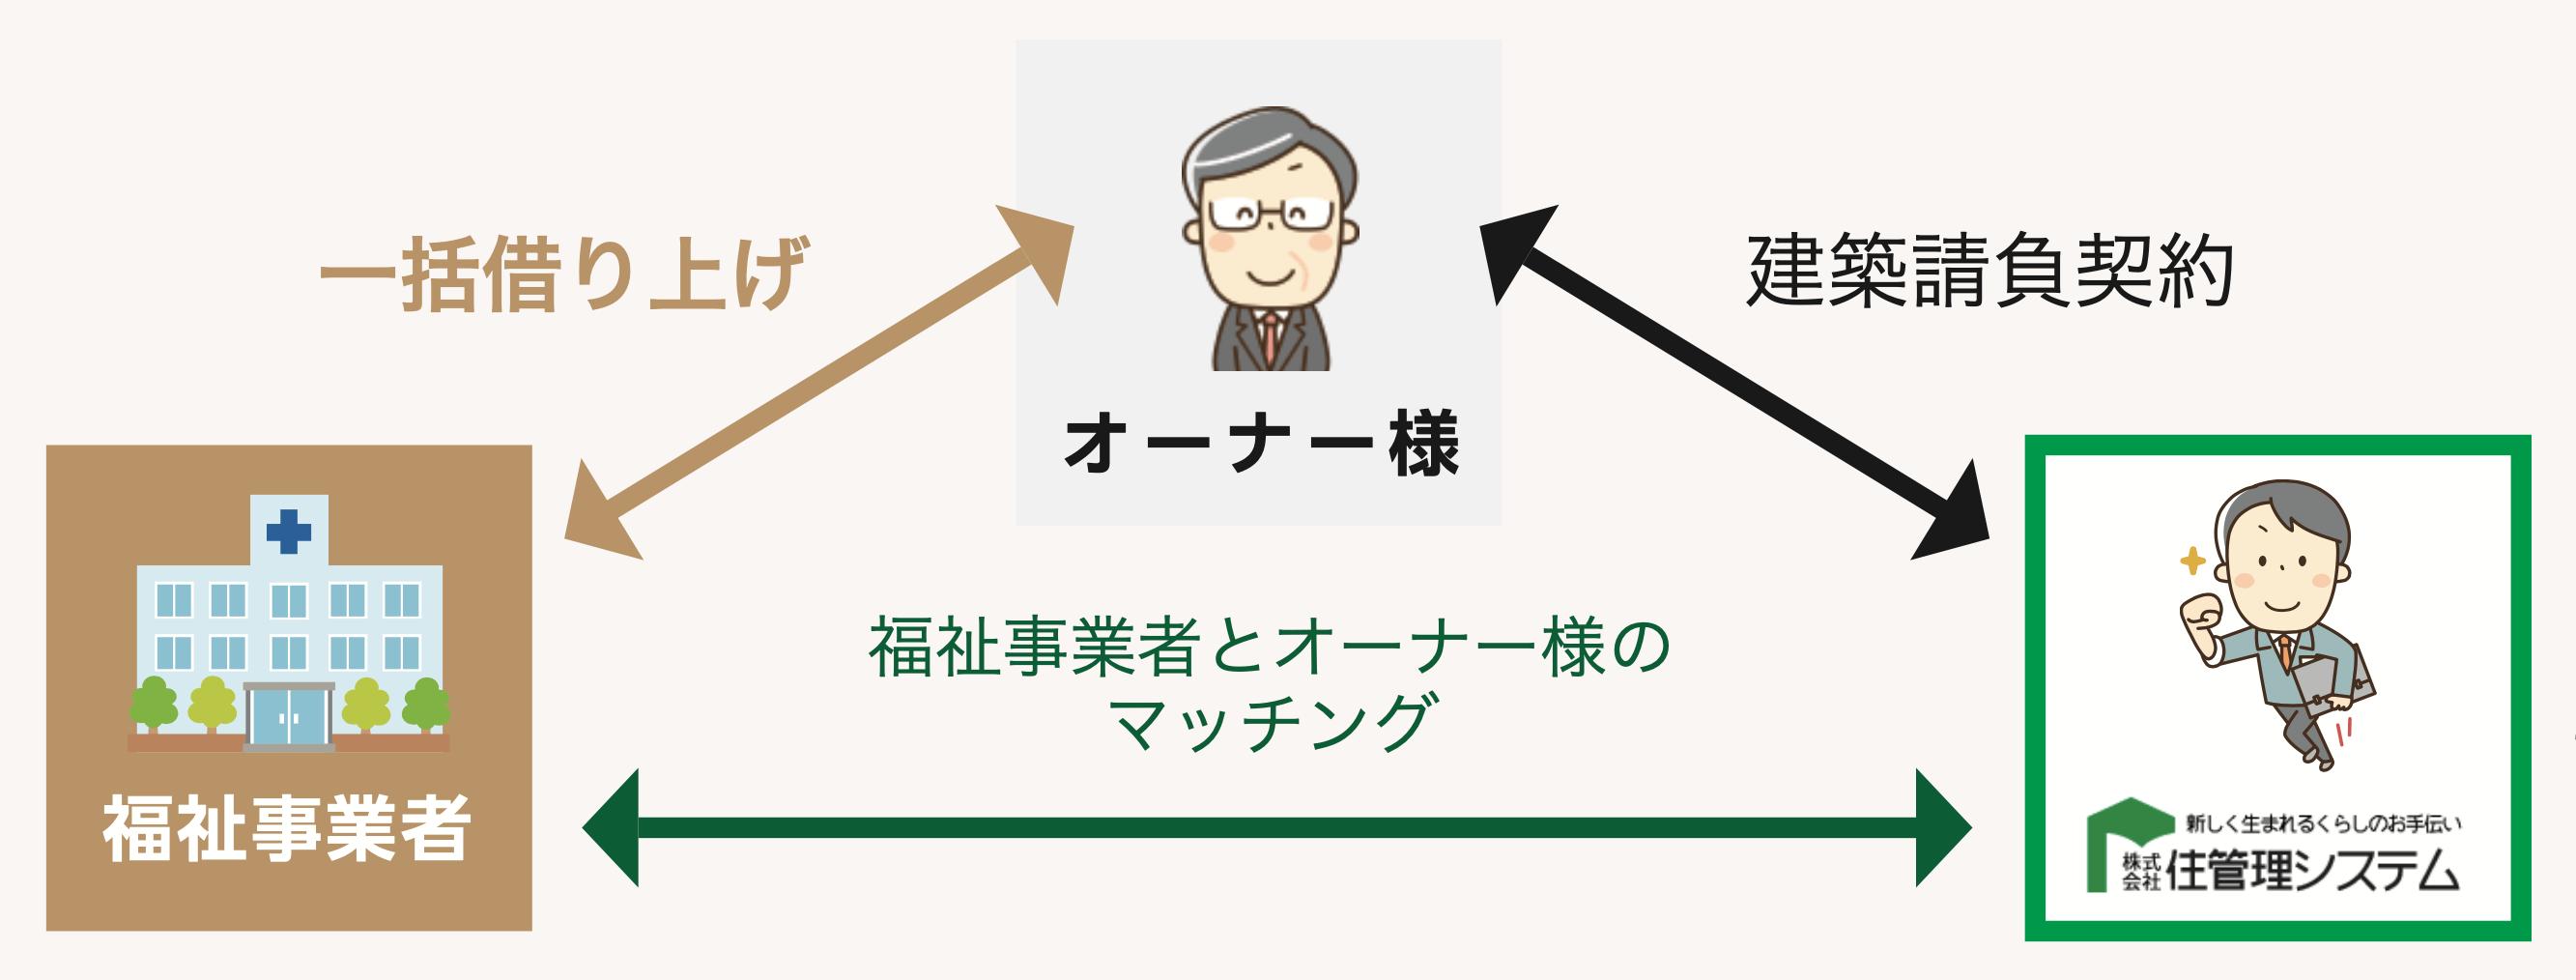 オーナー様・福祉事業者・住管理システム相関図